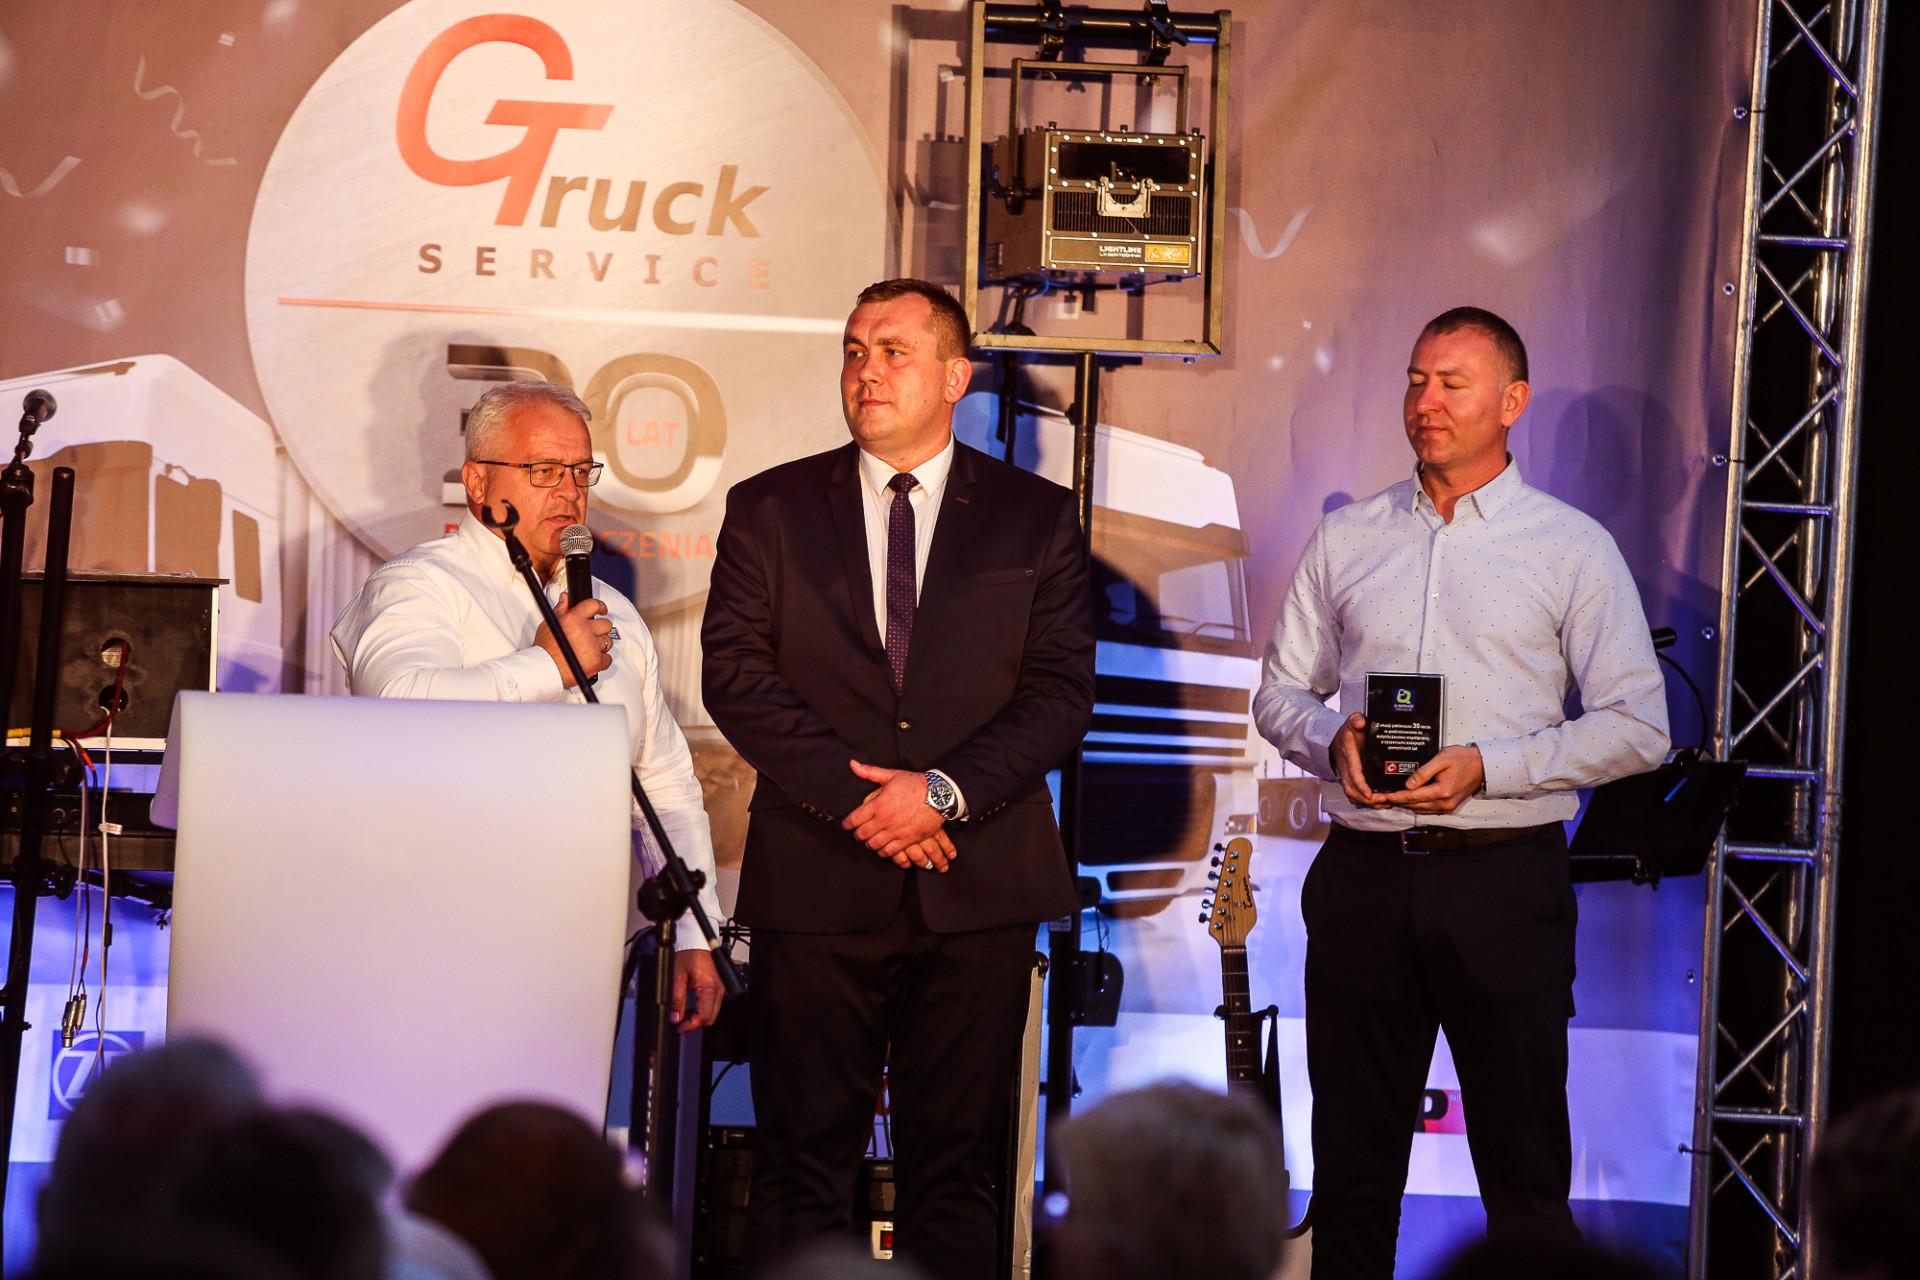 GTruck-205.jpg